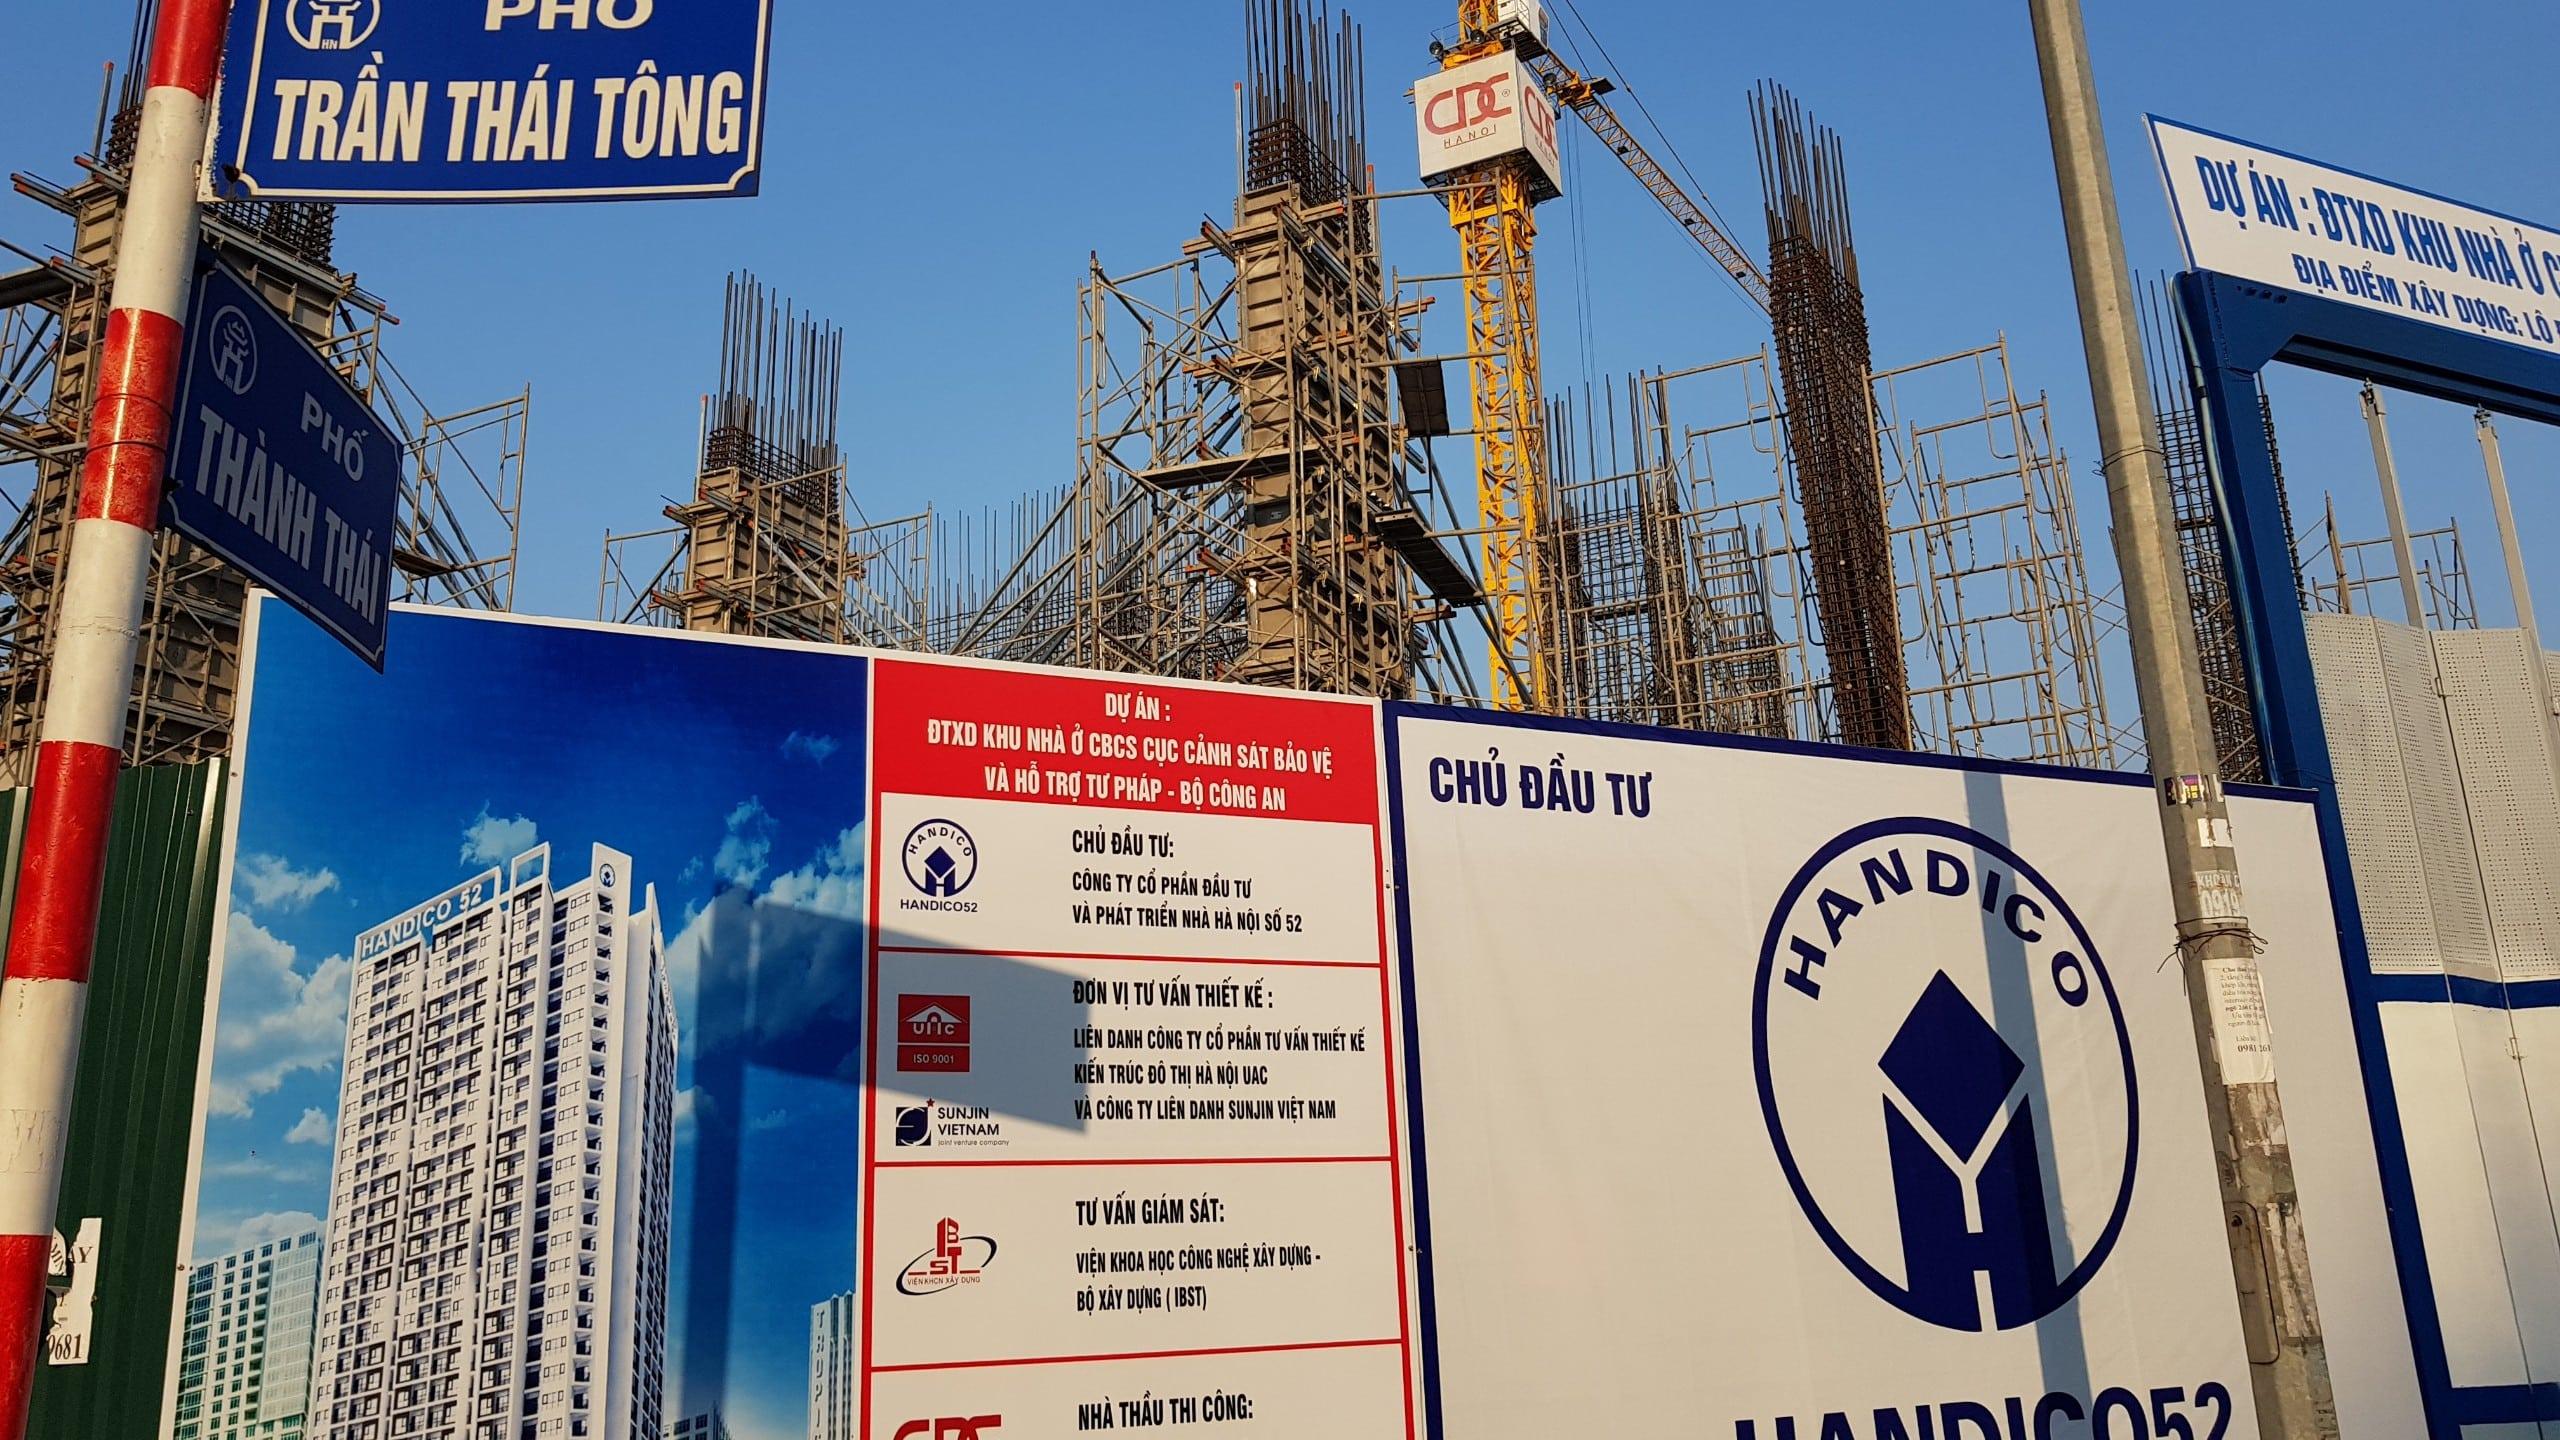 Công trường Dự án Chung cư Cảnh sát Bảo vệ Handico 52 Trần Thái Tông